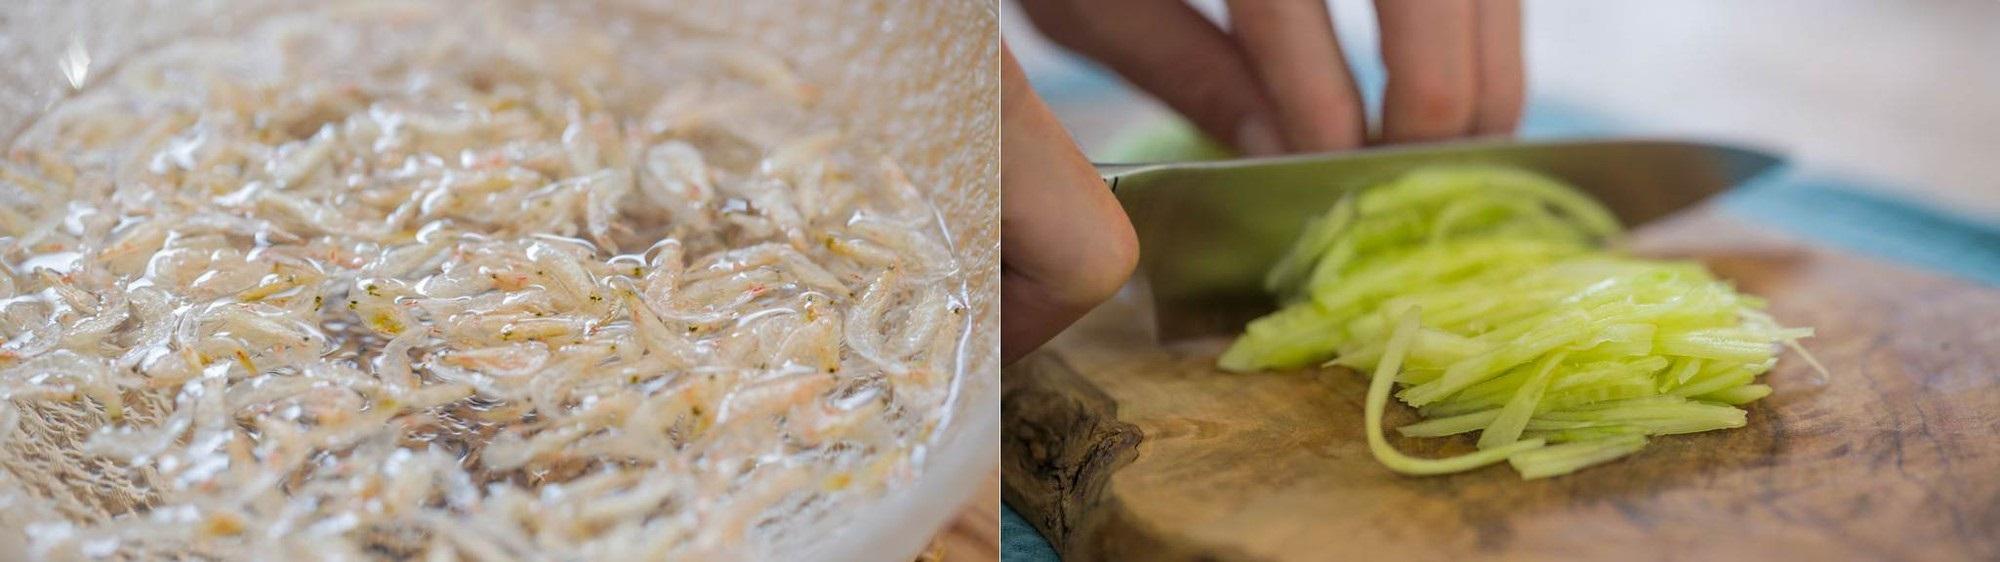 Thêm một cách làm mì trộn thơm ngon cho bữa trưa nhẹ bụng - Ảnh 1